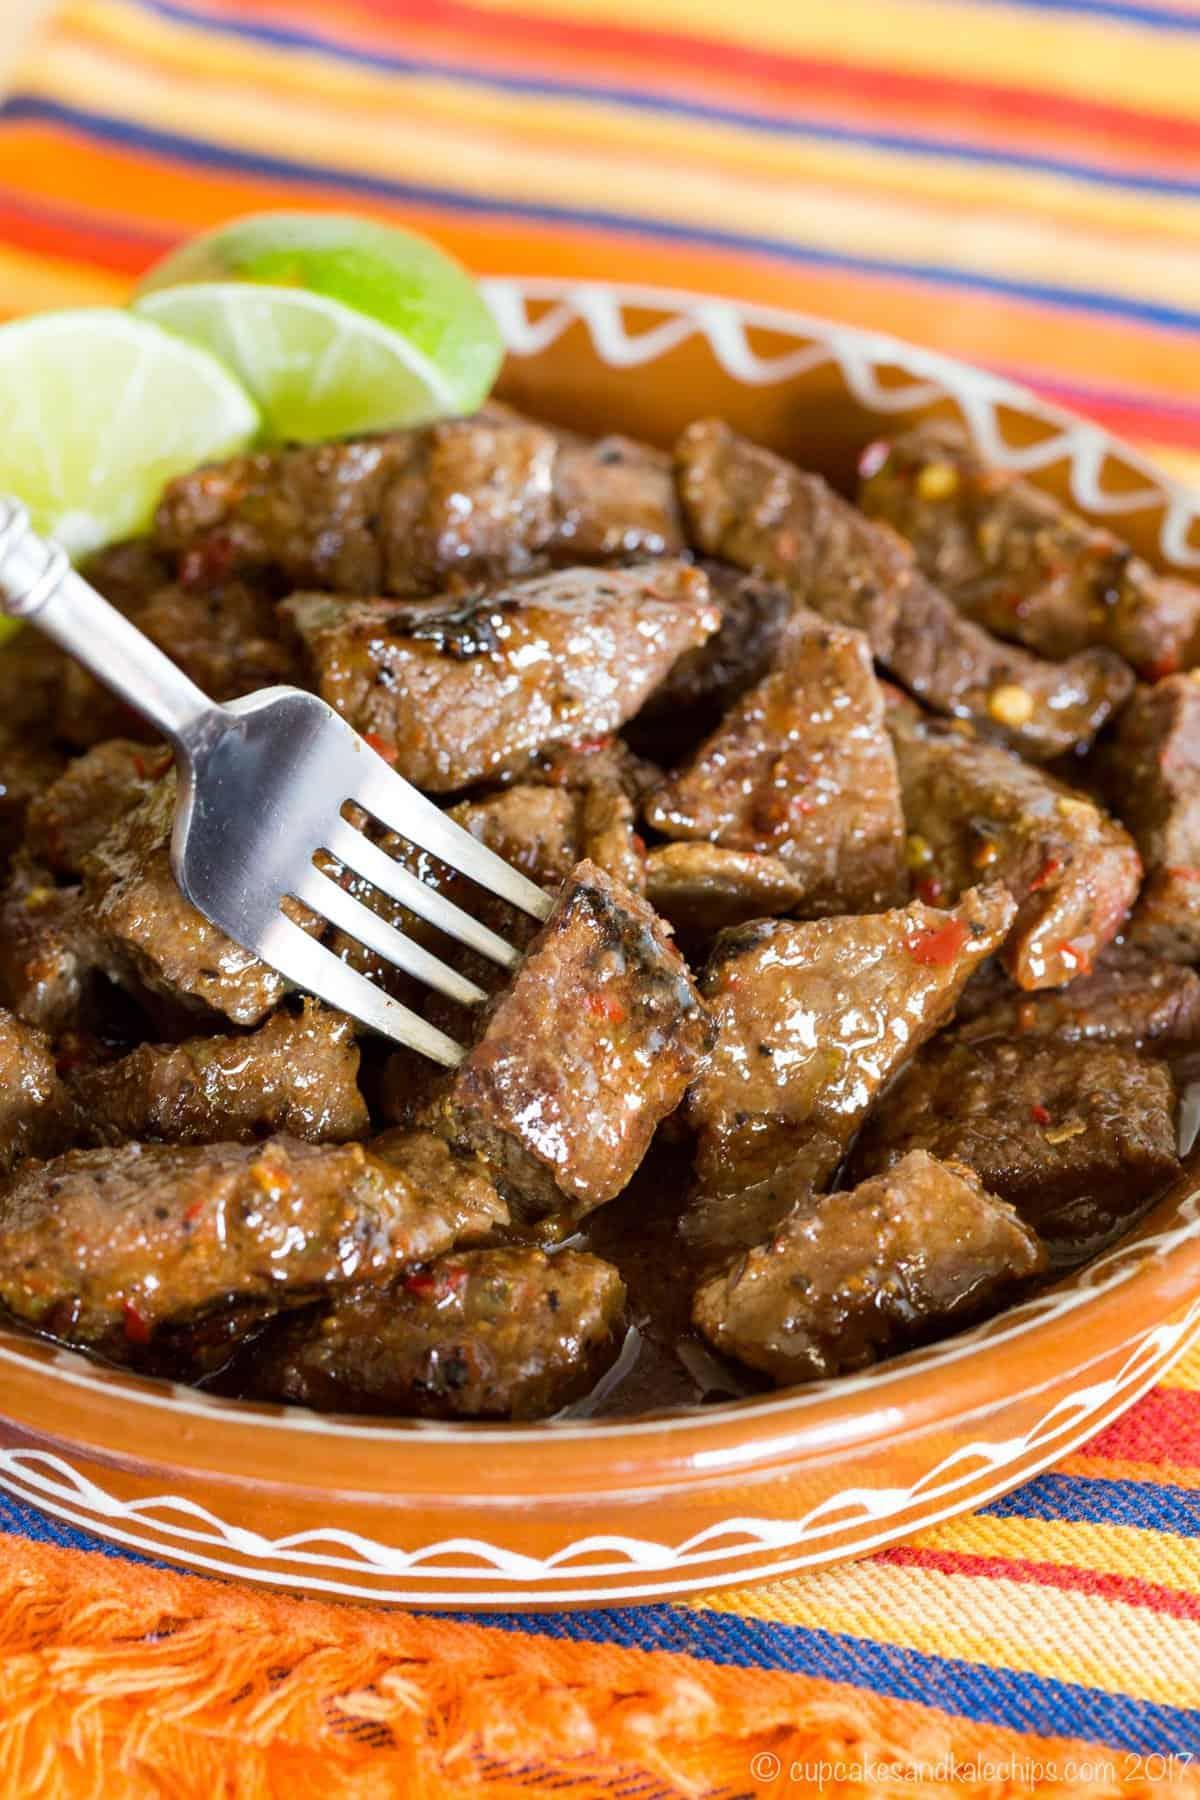 Chili Lime Steak Bites